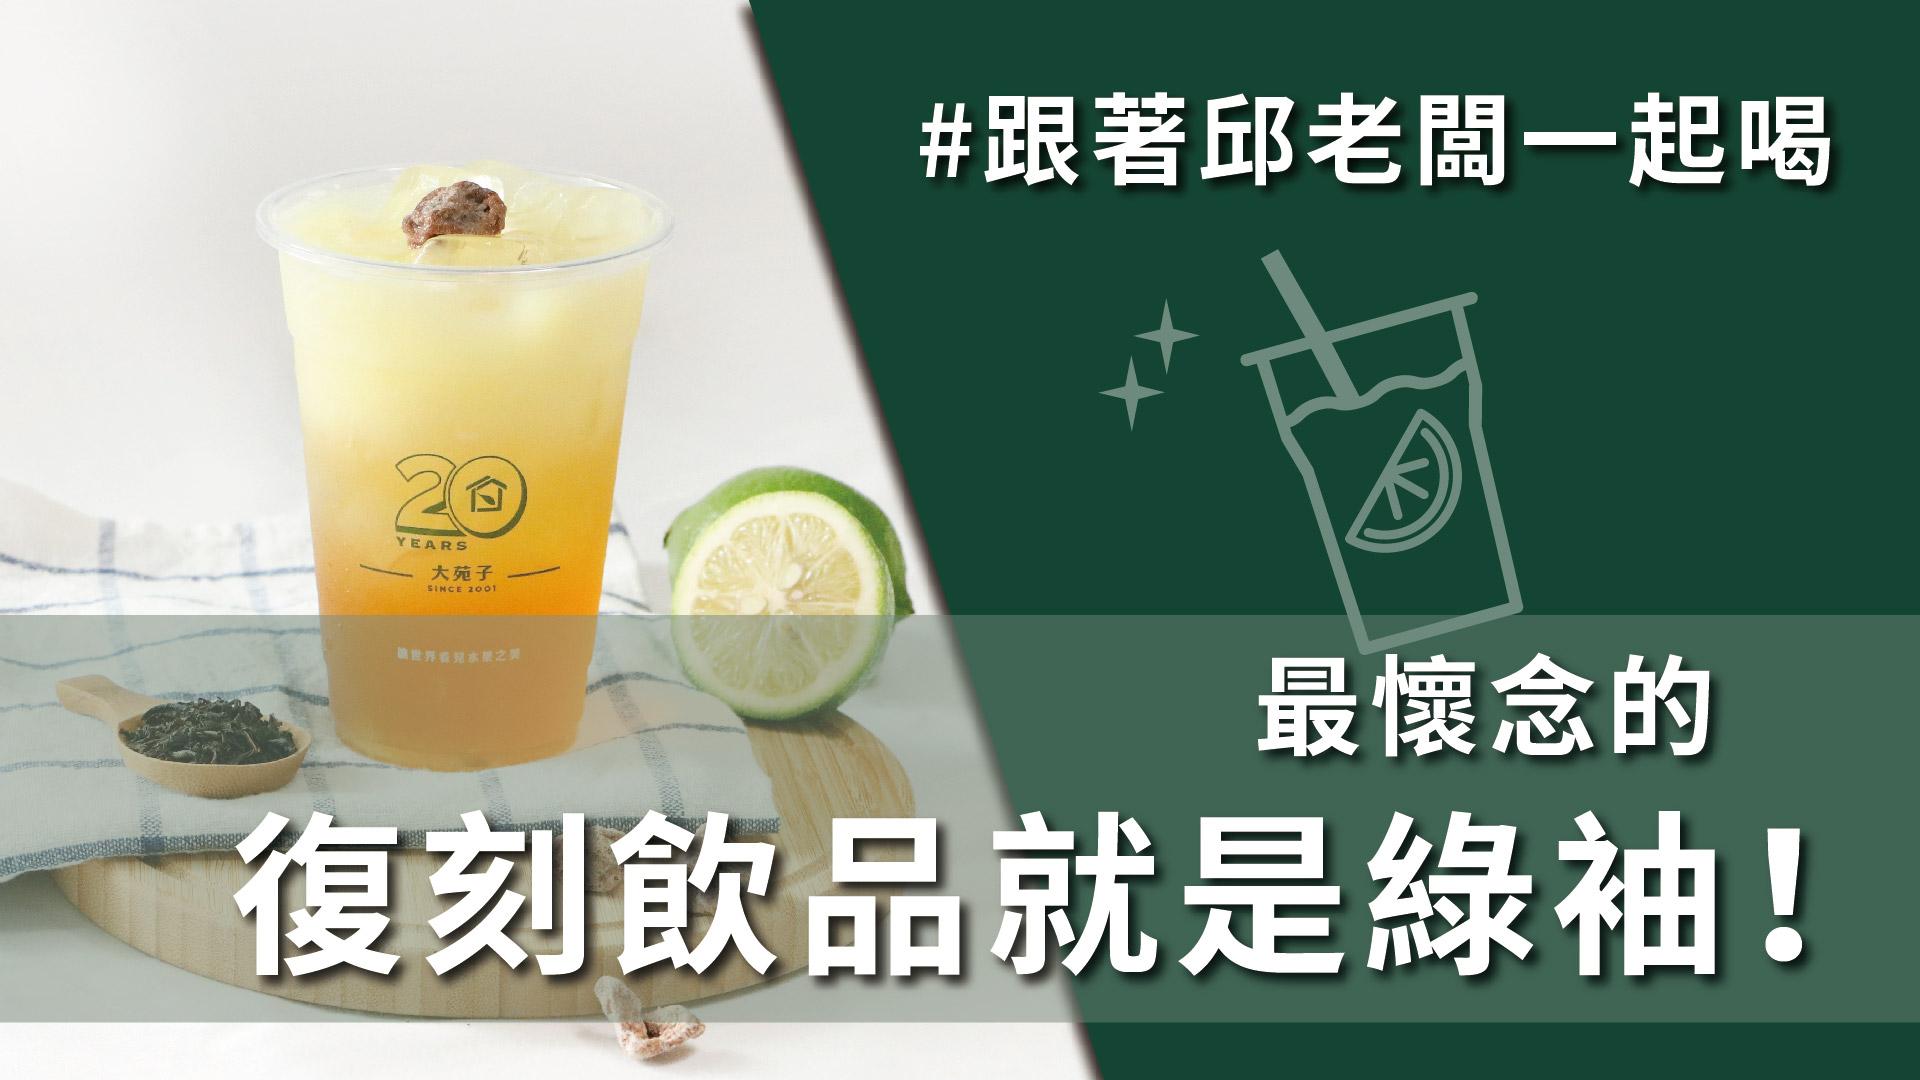 最懷念的復刻飲品就是綠袖!酸甜古早味快閃上市!#跟著邱老闆一起喝#5月5日